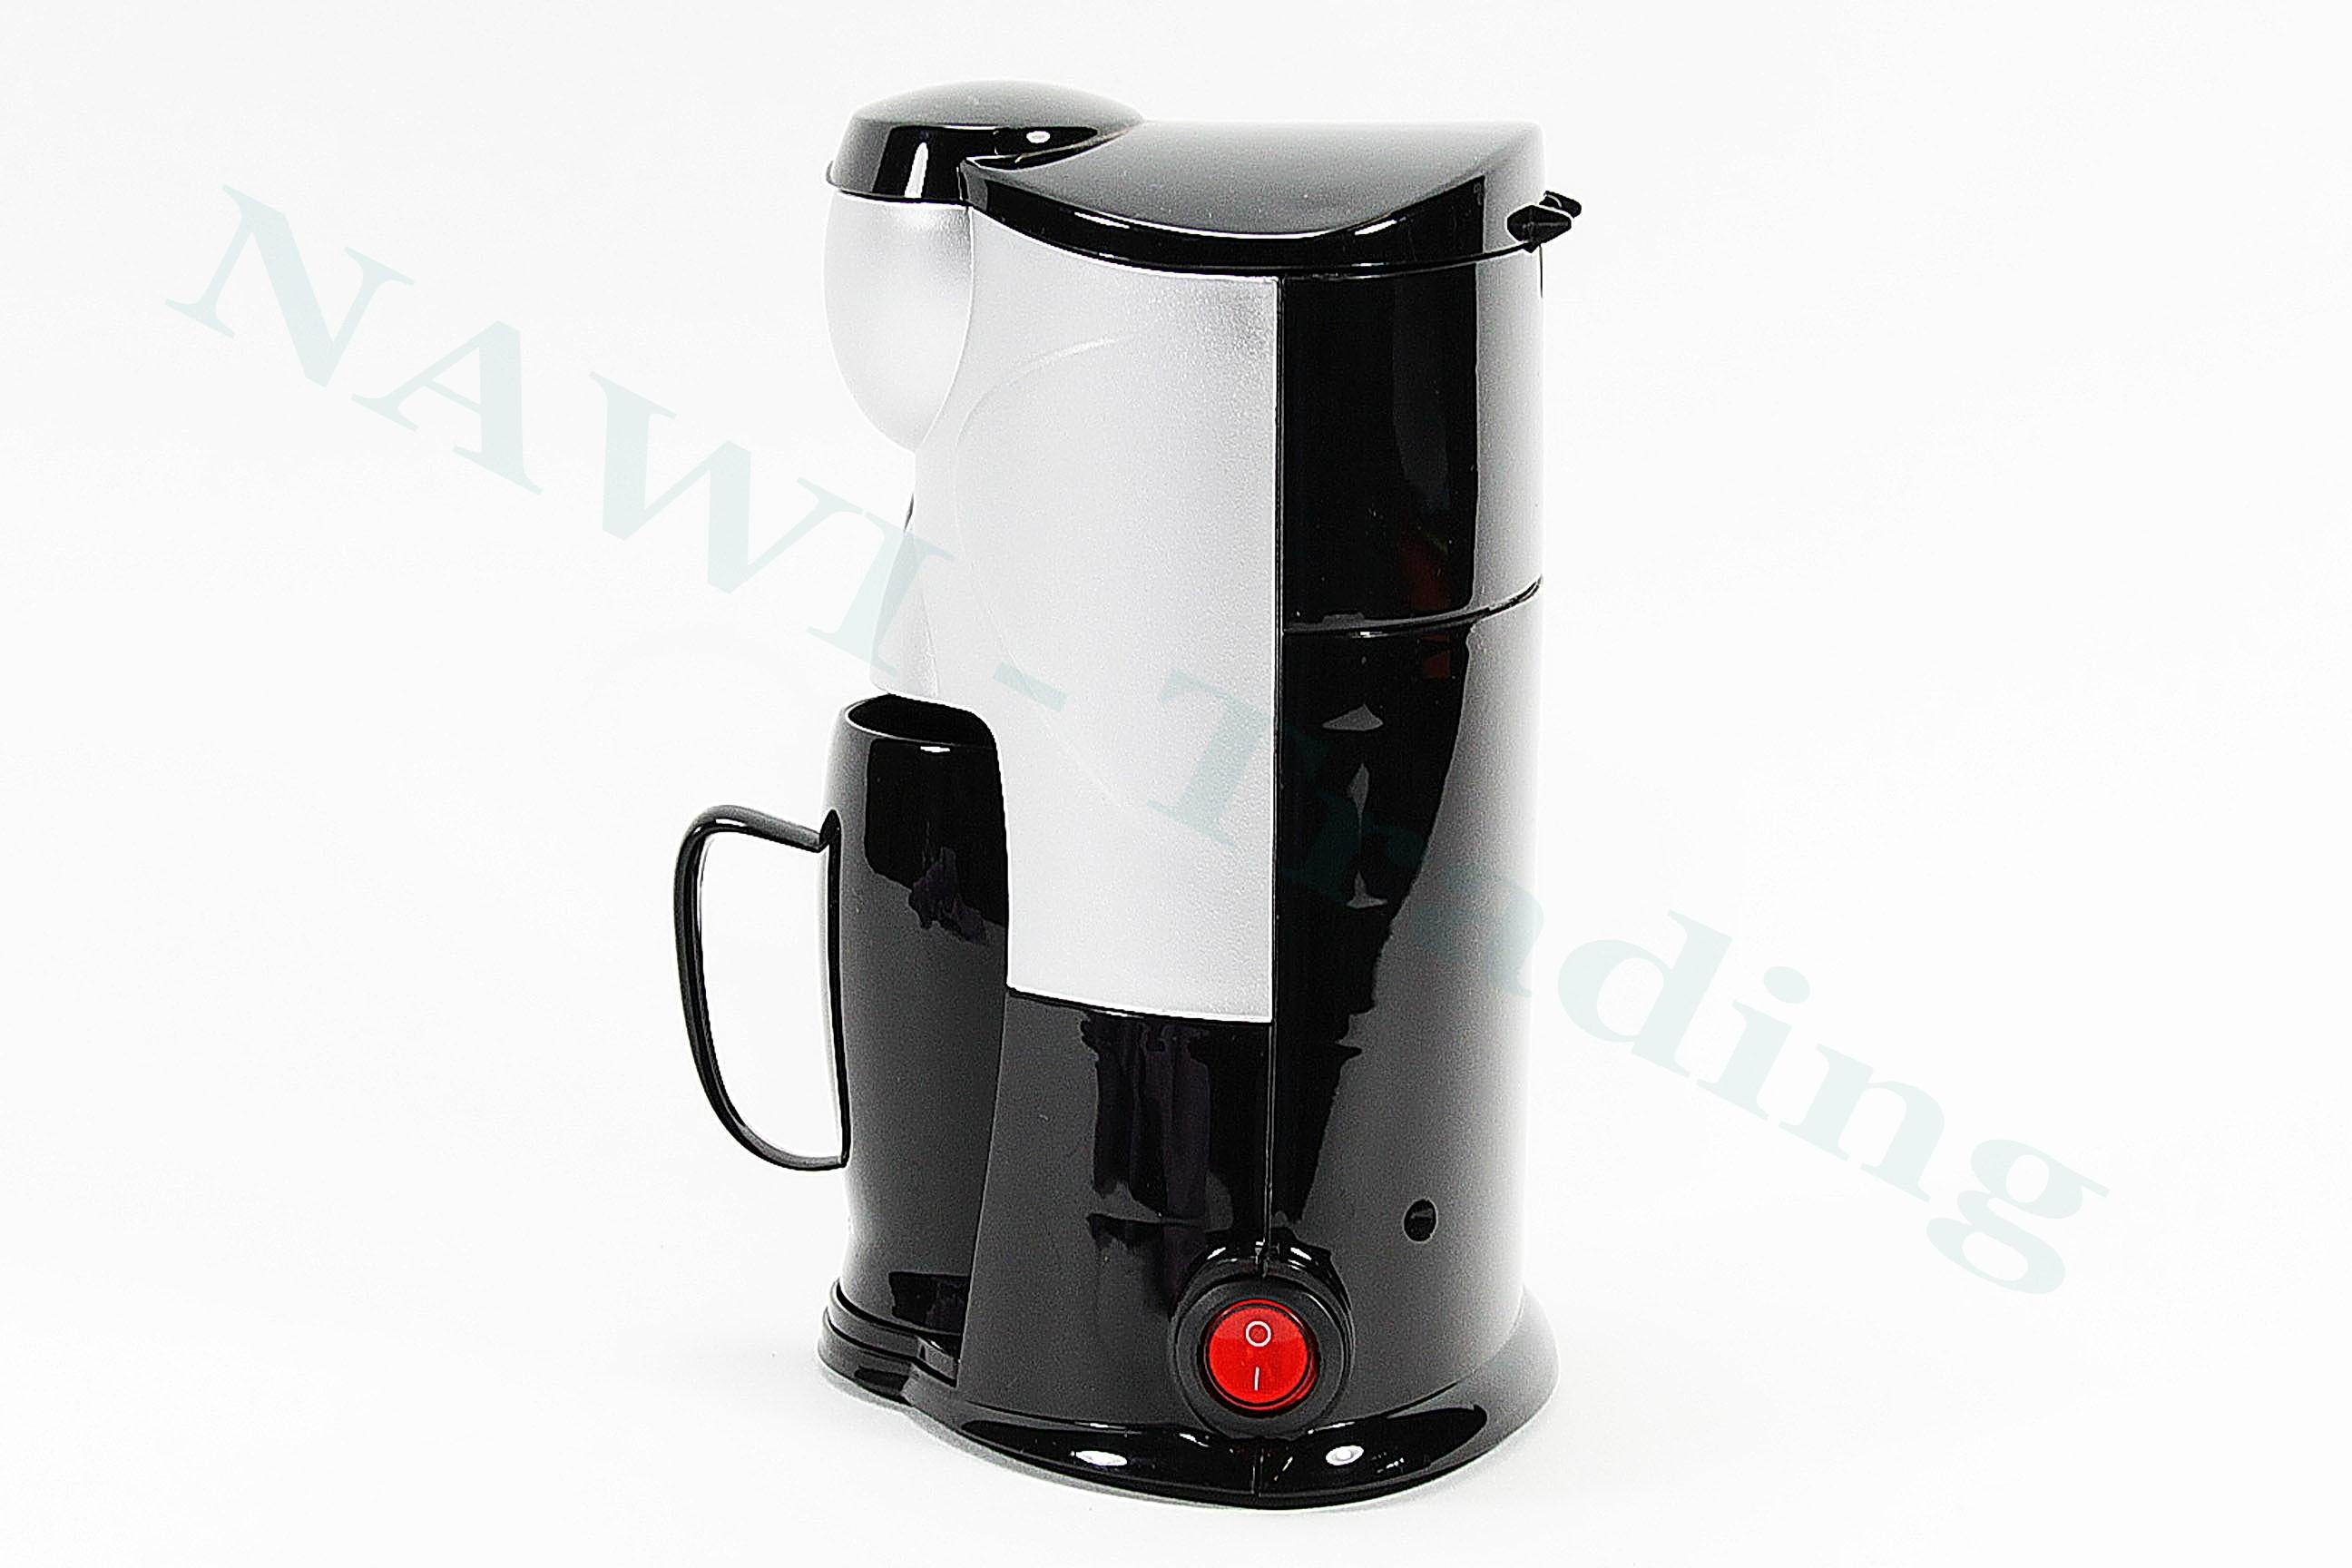 kaffee eine tasse wasserkocher kocher pkw auto. Black Bedroom Furniture Sets. Home Design Ideas